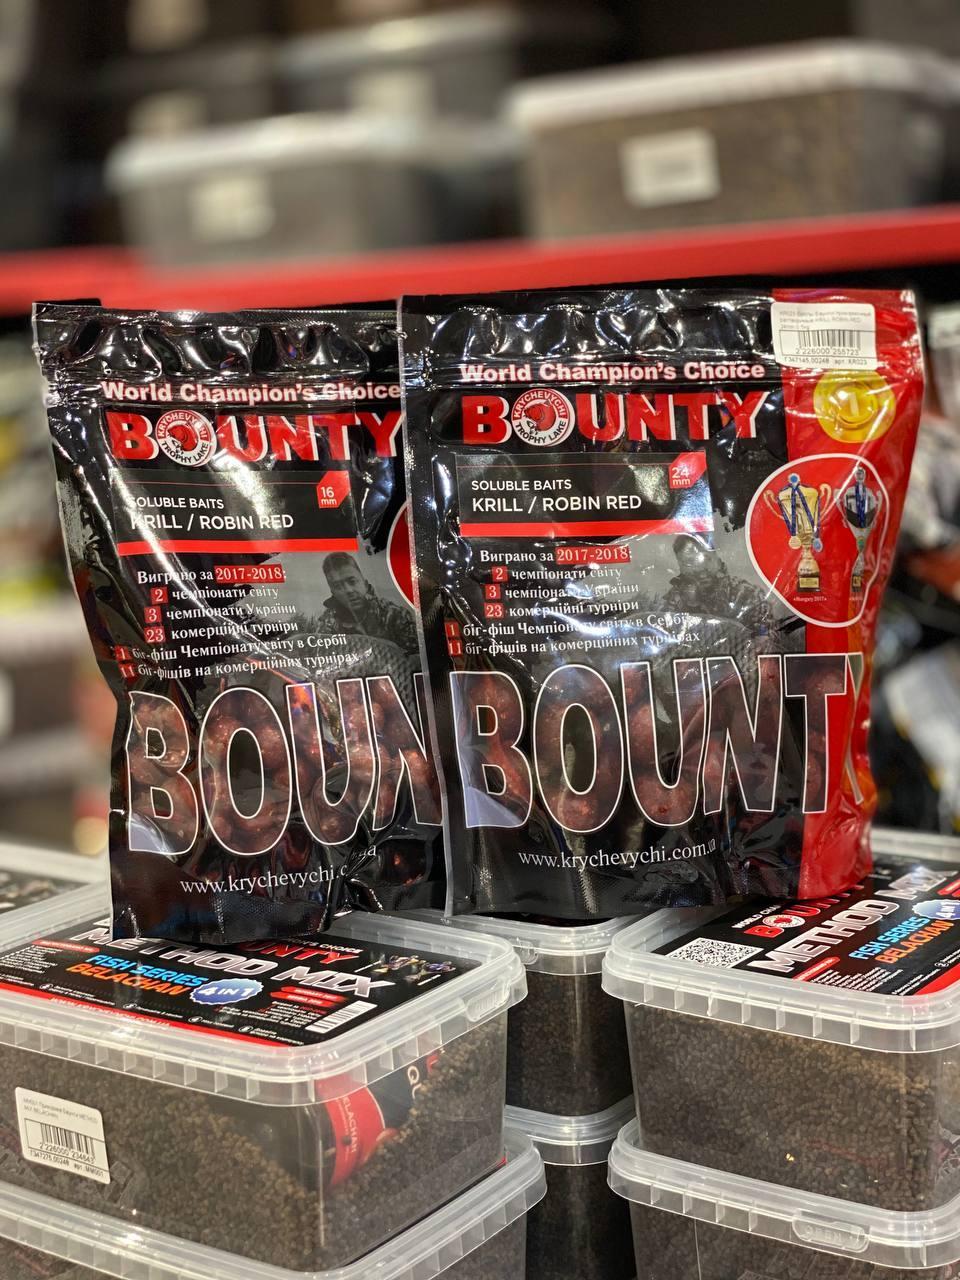 Бойлы варёные Bounty Classic Krill/Robin Red (Криль/Робин Ред) 500гр